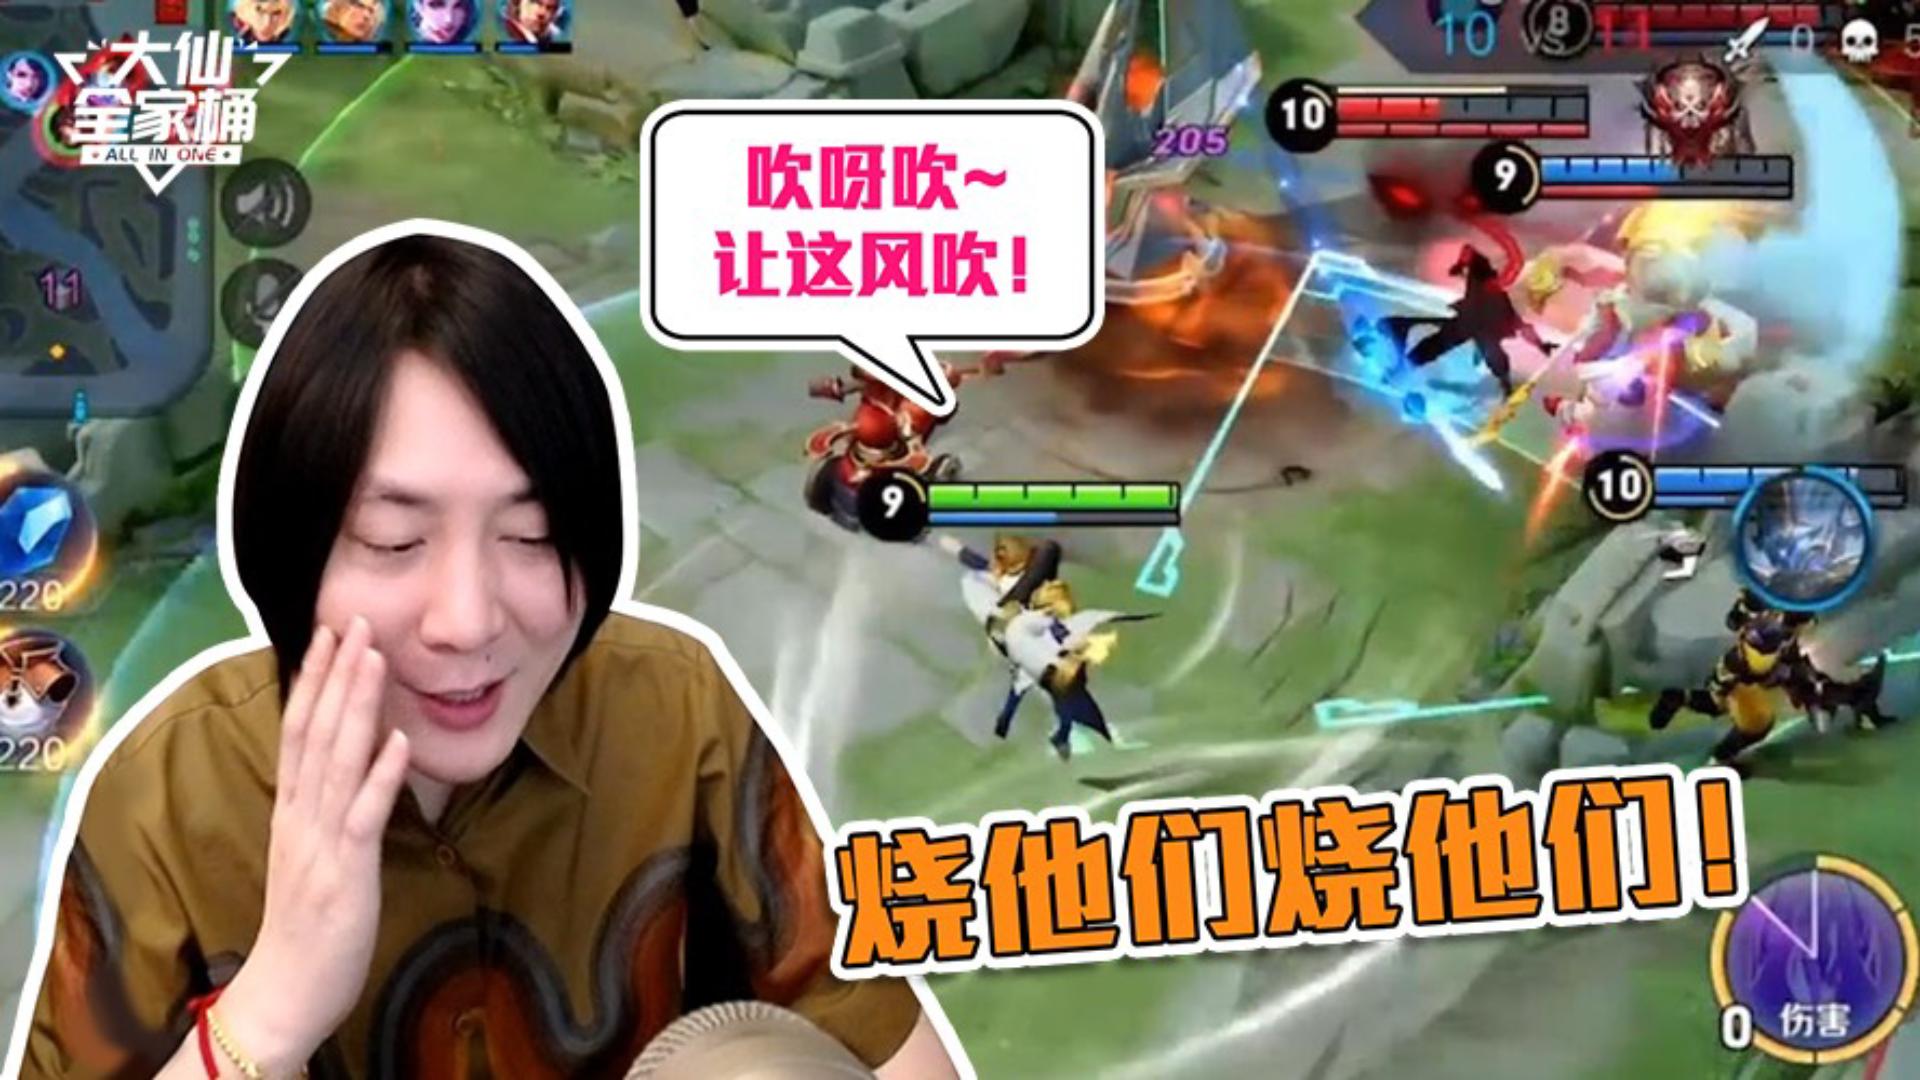 王者荣耀张大仙:周瑜怎么玩儿?4-7的我玩出了14-7的气势!